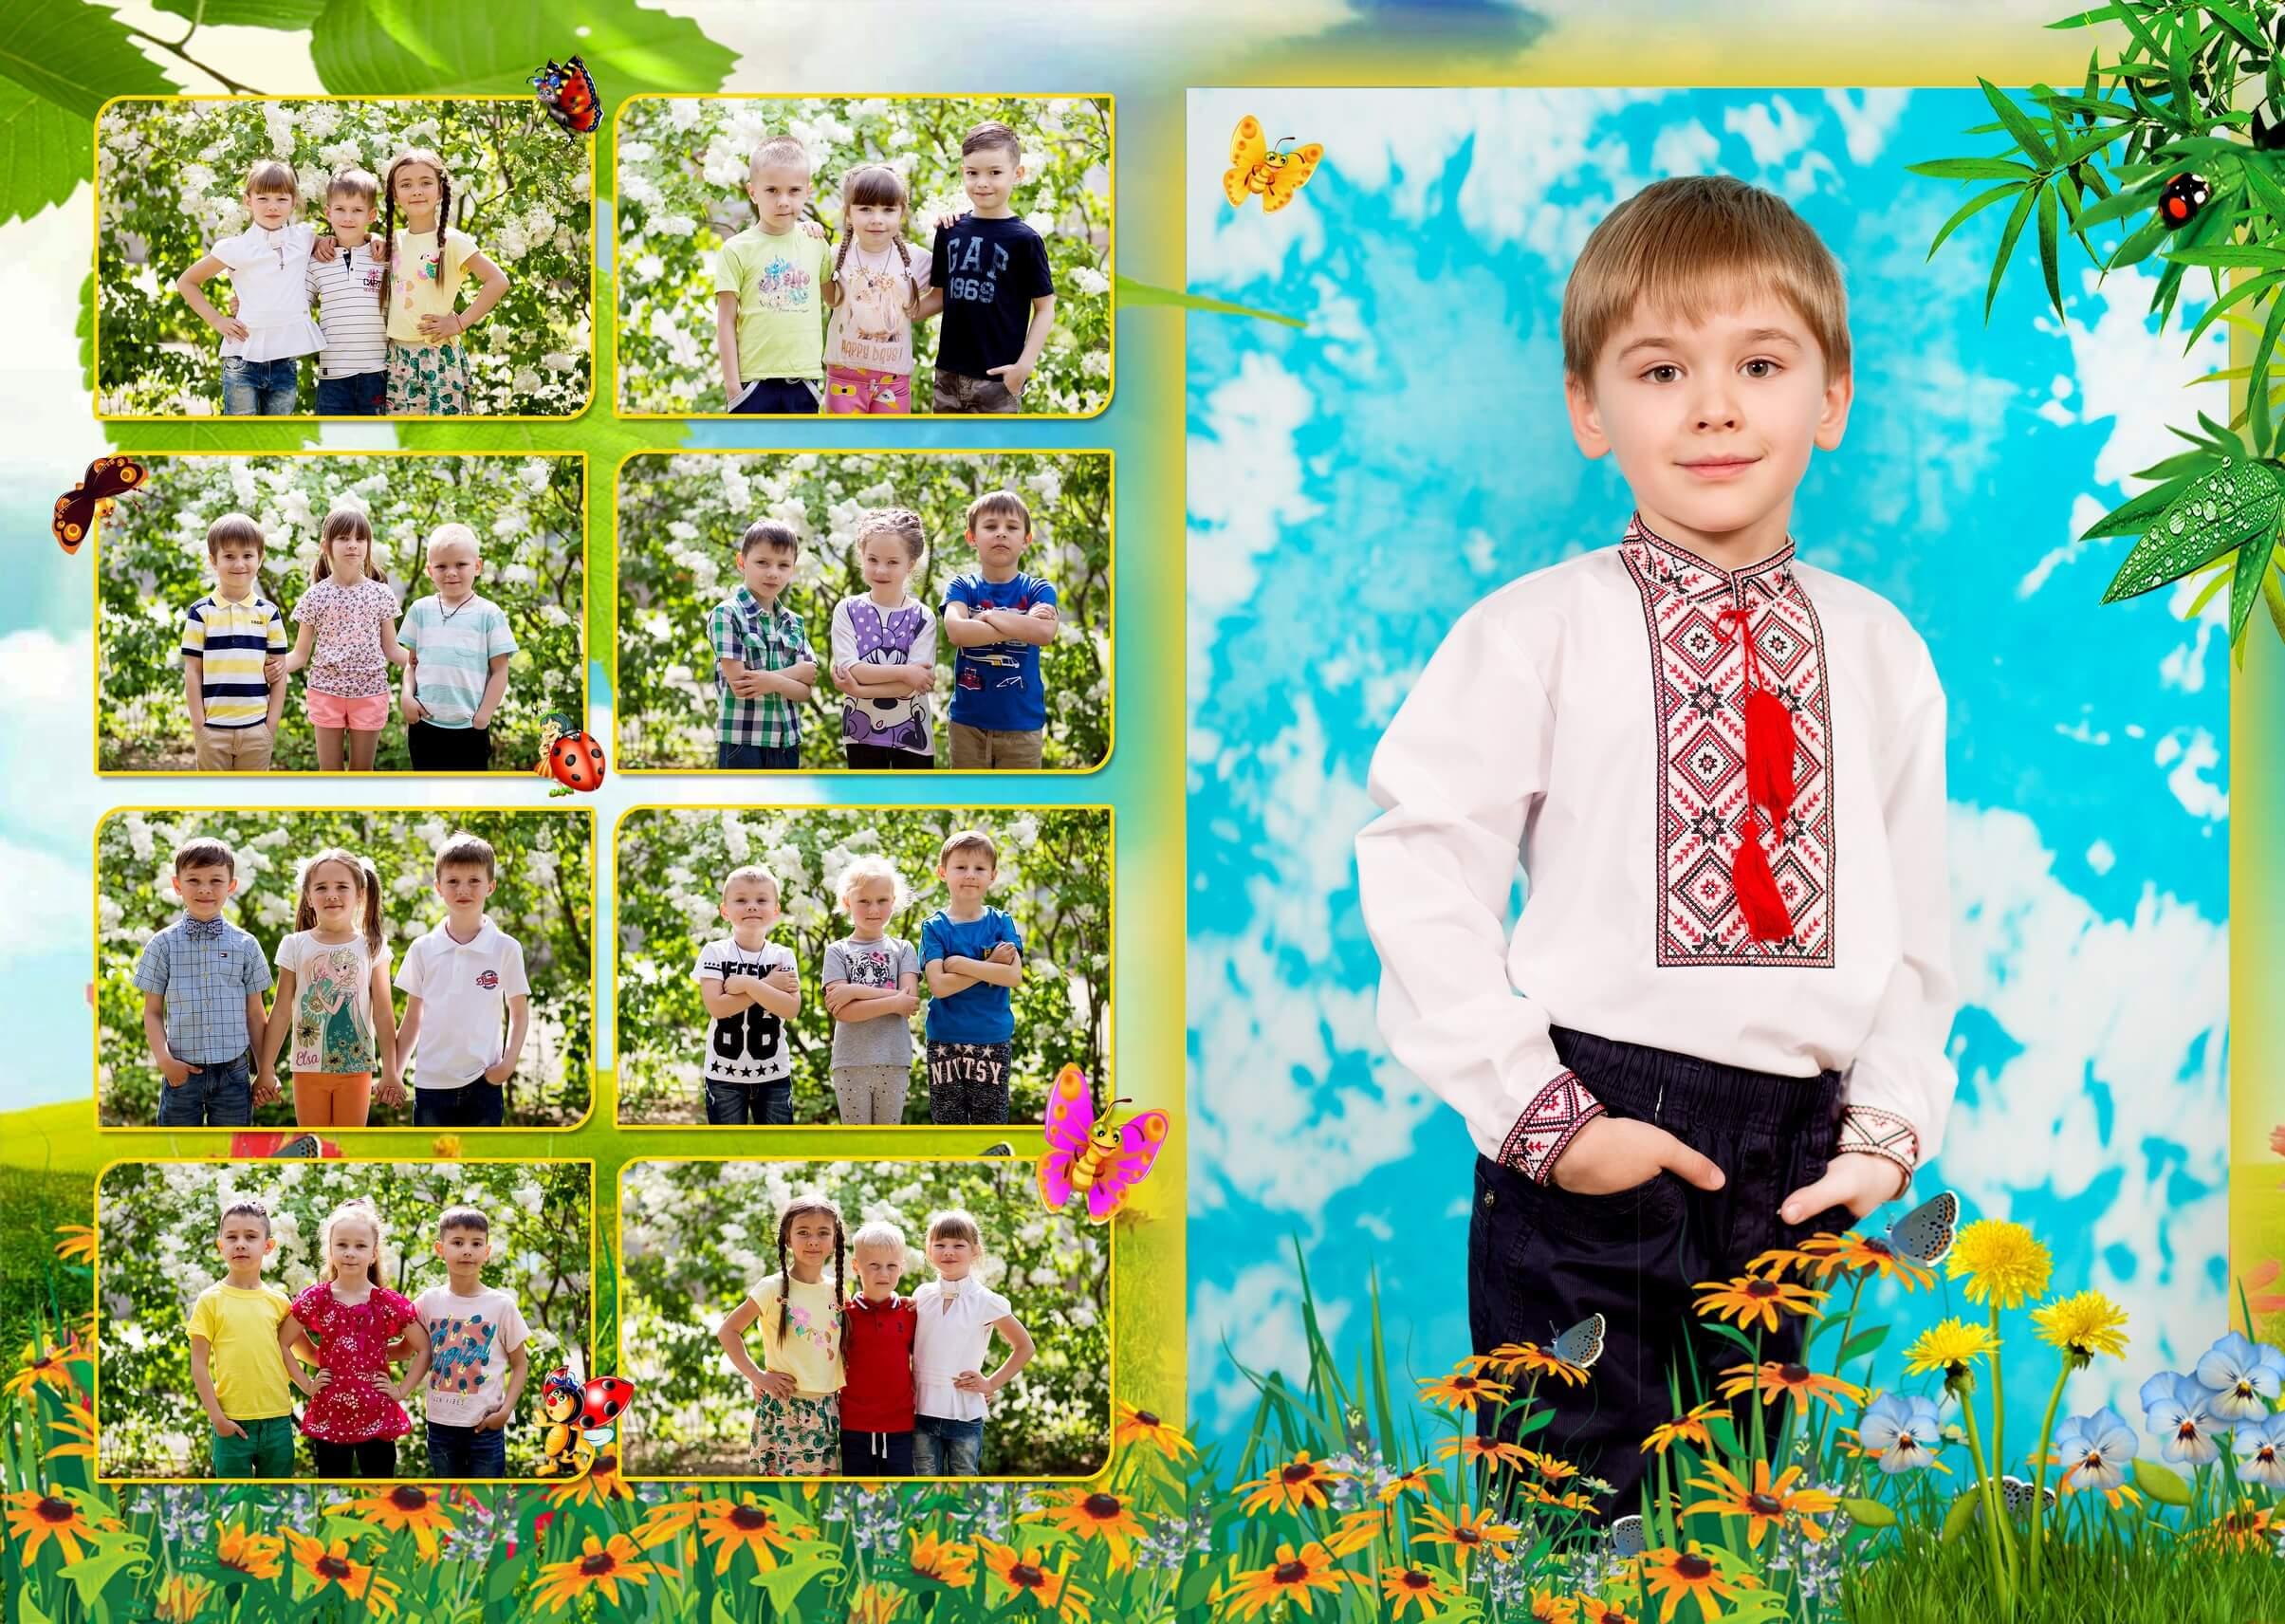 zakazat' vypusknye fotoal'bomy fotoknigi al'bomy dlja detskogo sada cena Kiev vypusknye al'bomy dlja sadika kiev Vypusknoj al'bom v detskij sad Kieva